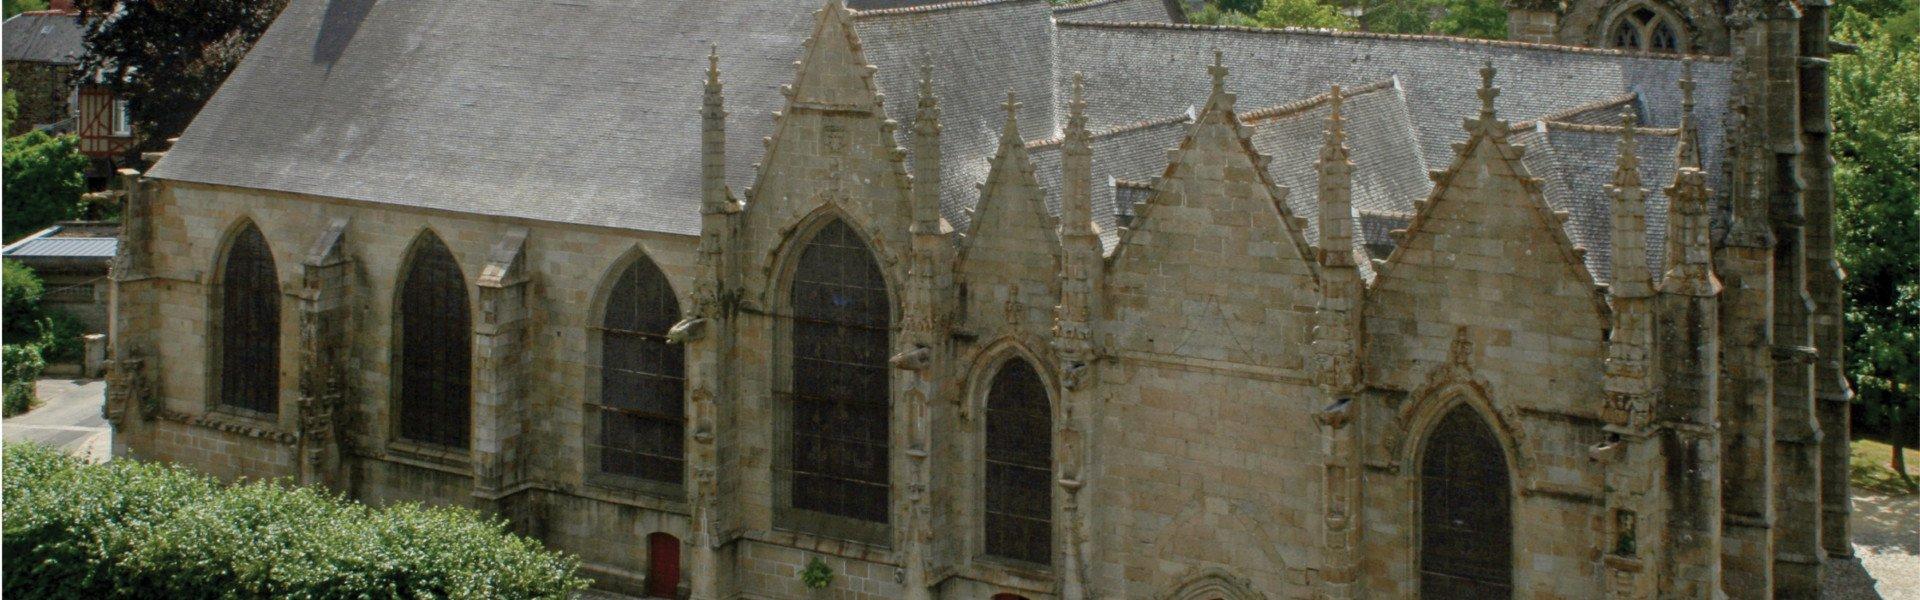 Eglise Saint-Sulpice à Fougères